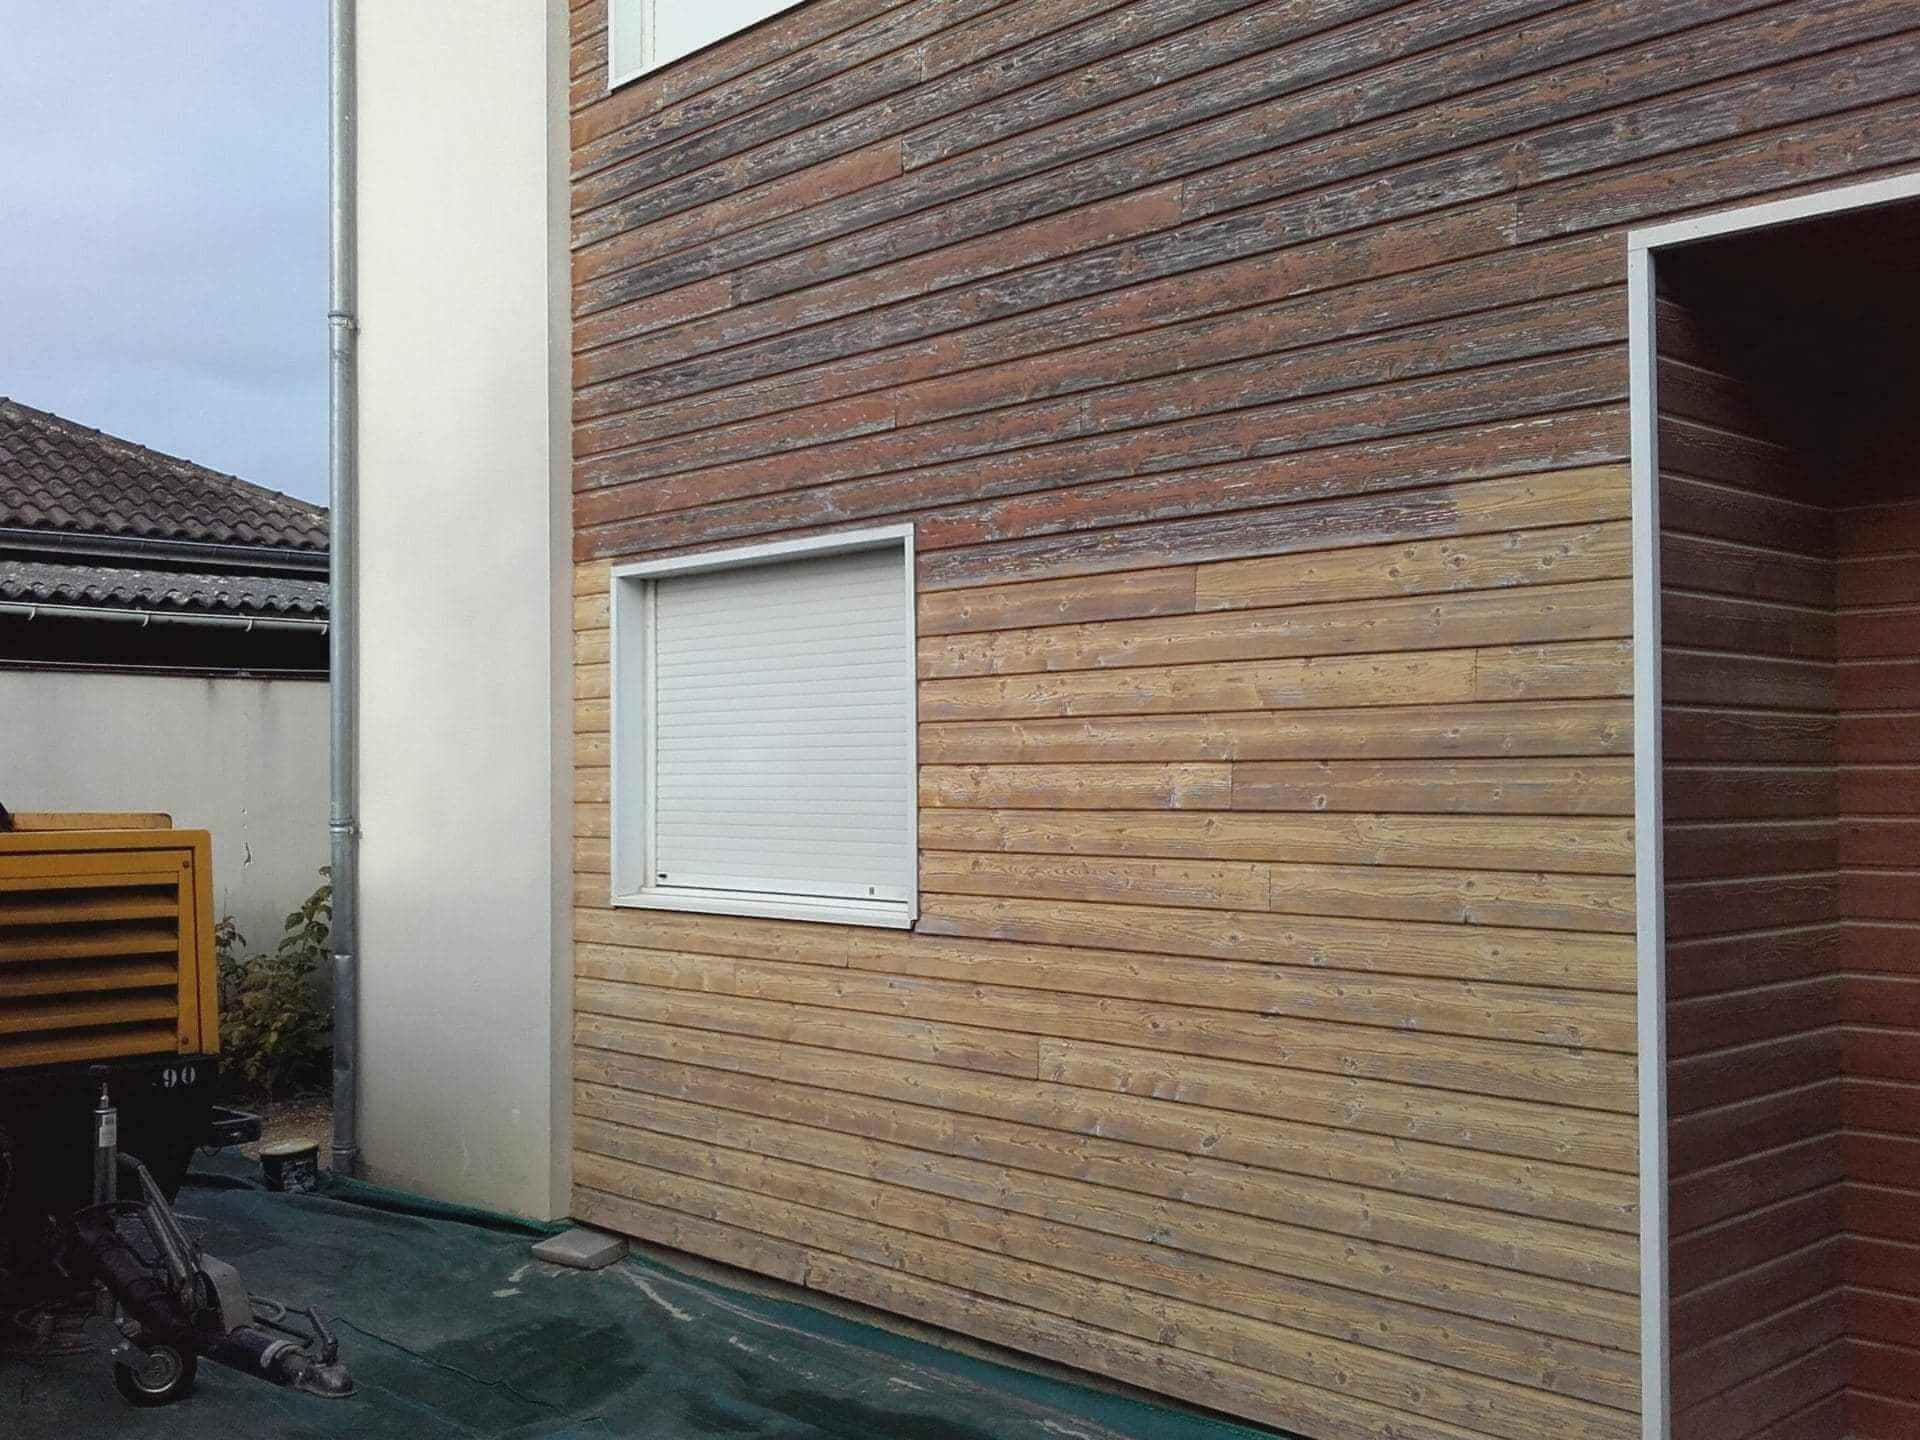 Ravalement/Rénovation d'une façade en bois